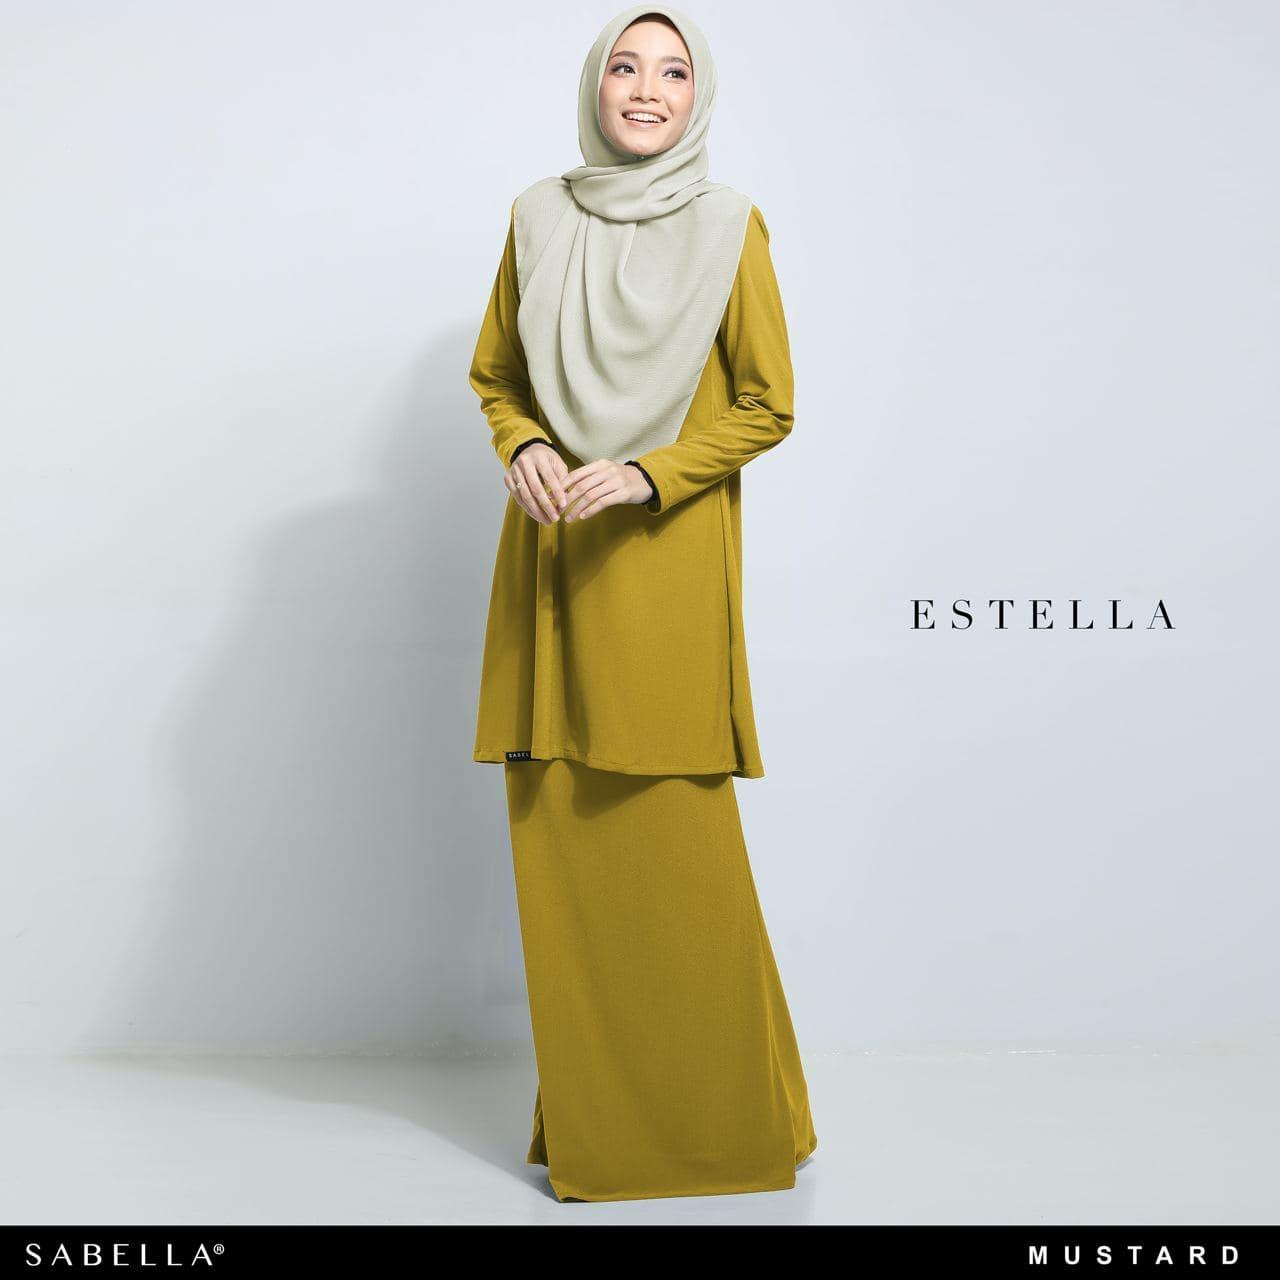 Estella 2.0 Mustard